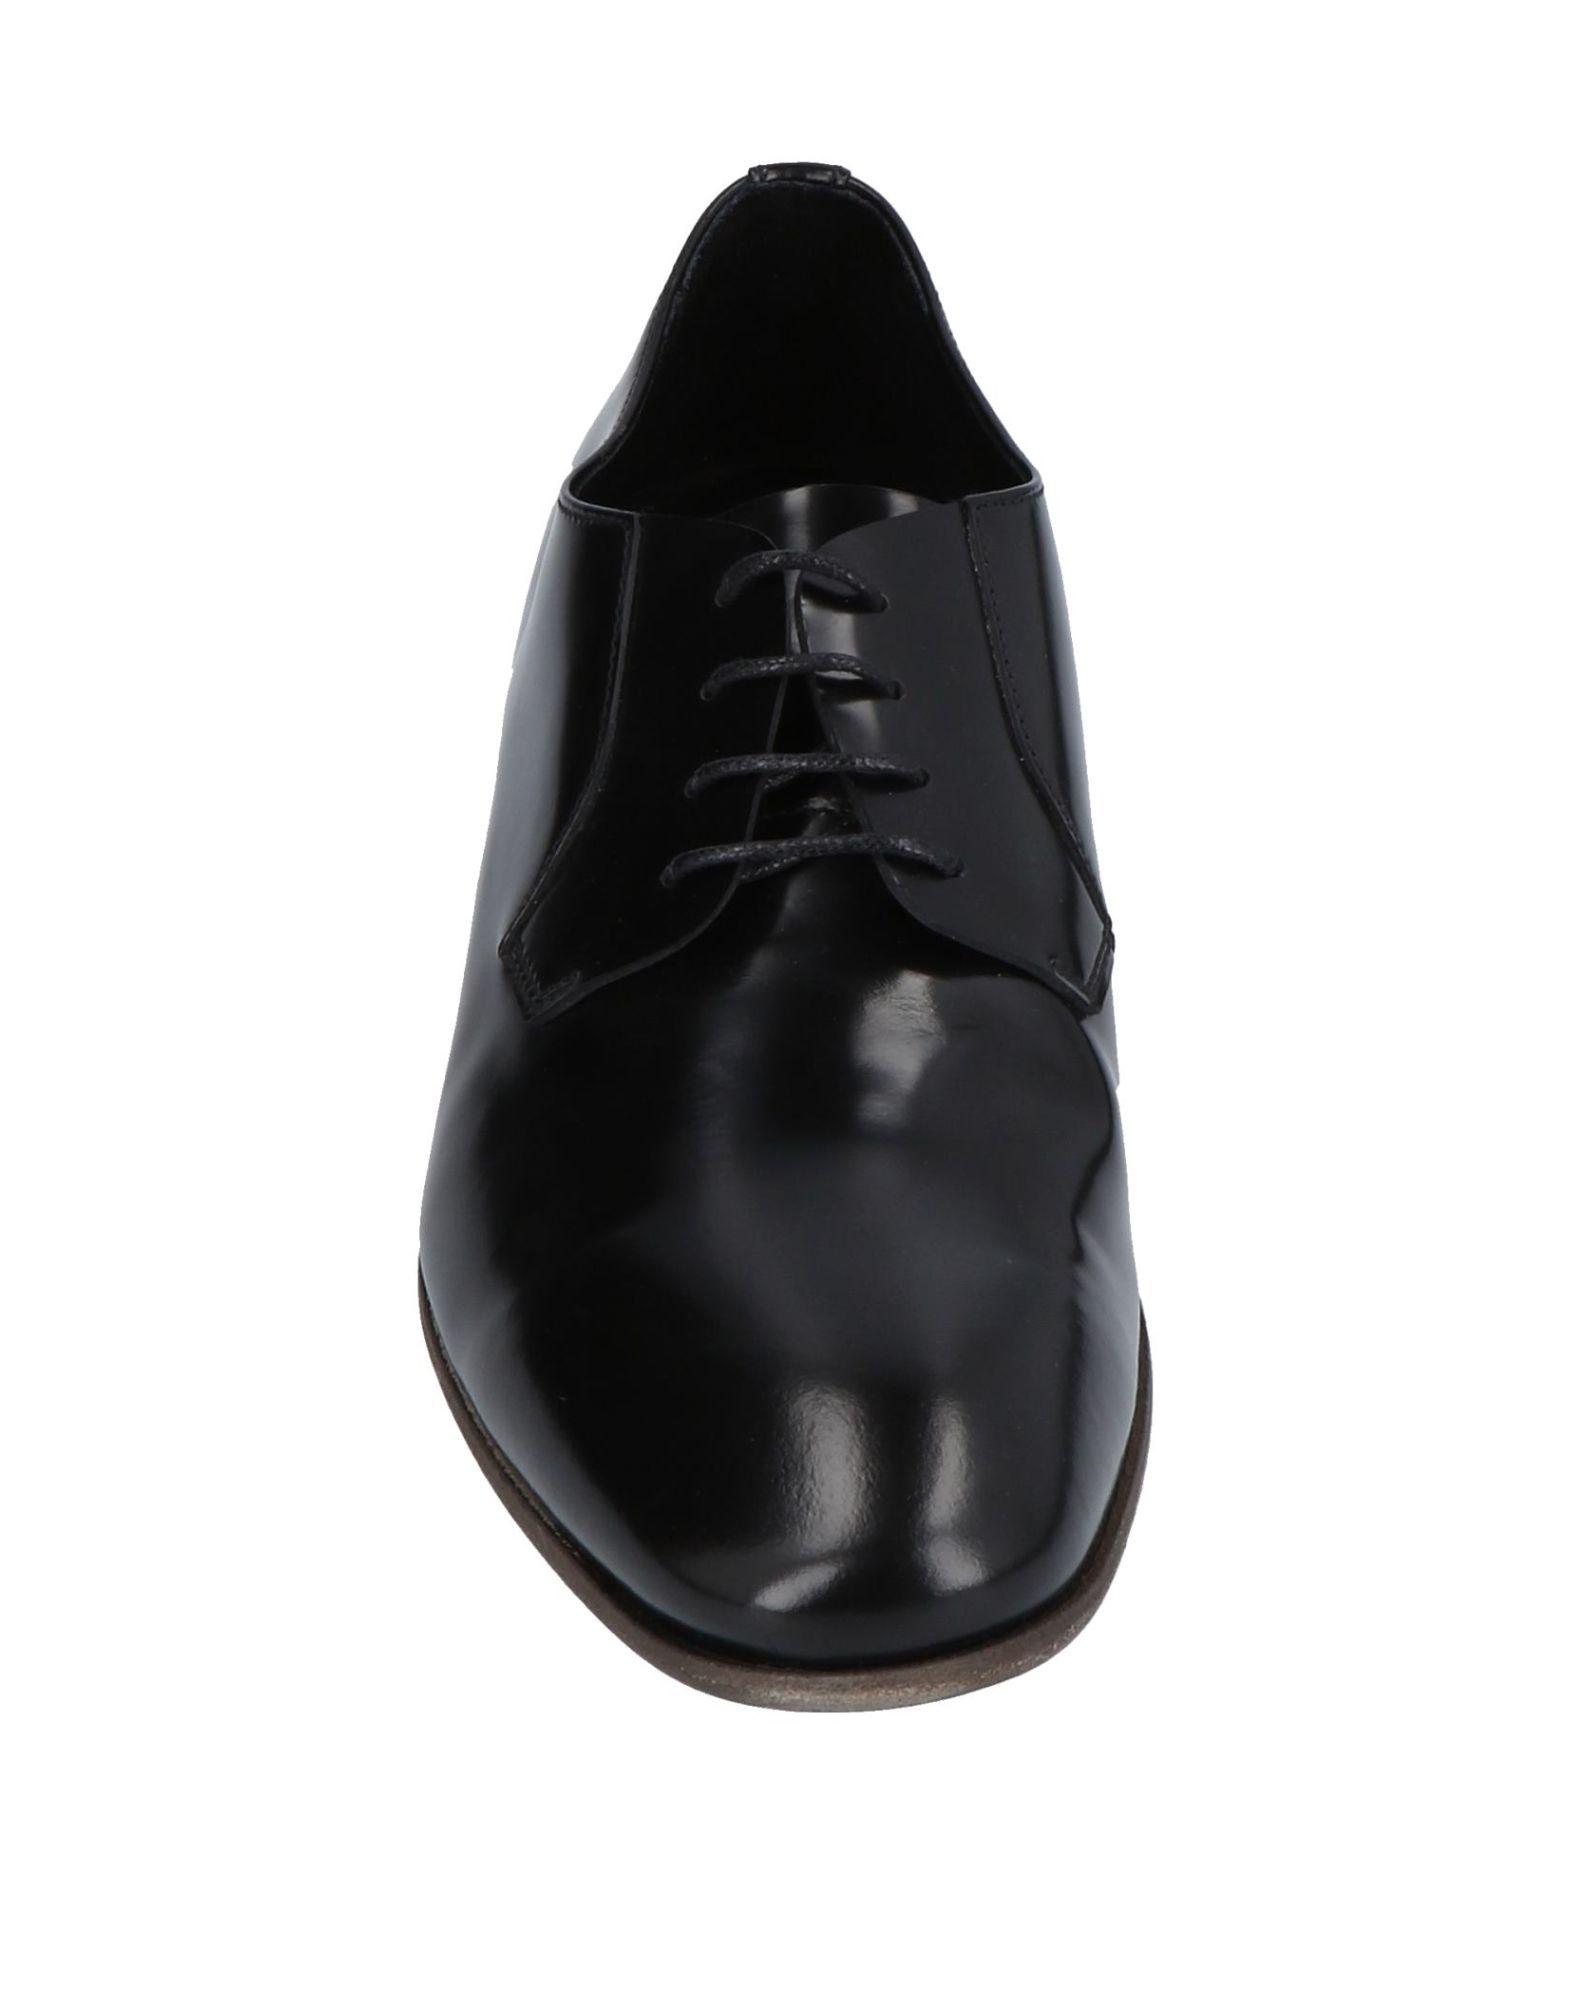 Ink Schnürschuhe Herren  11487774WH Heiße Heiße 11487774WH Schuhe f23167